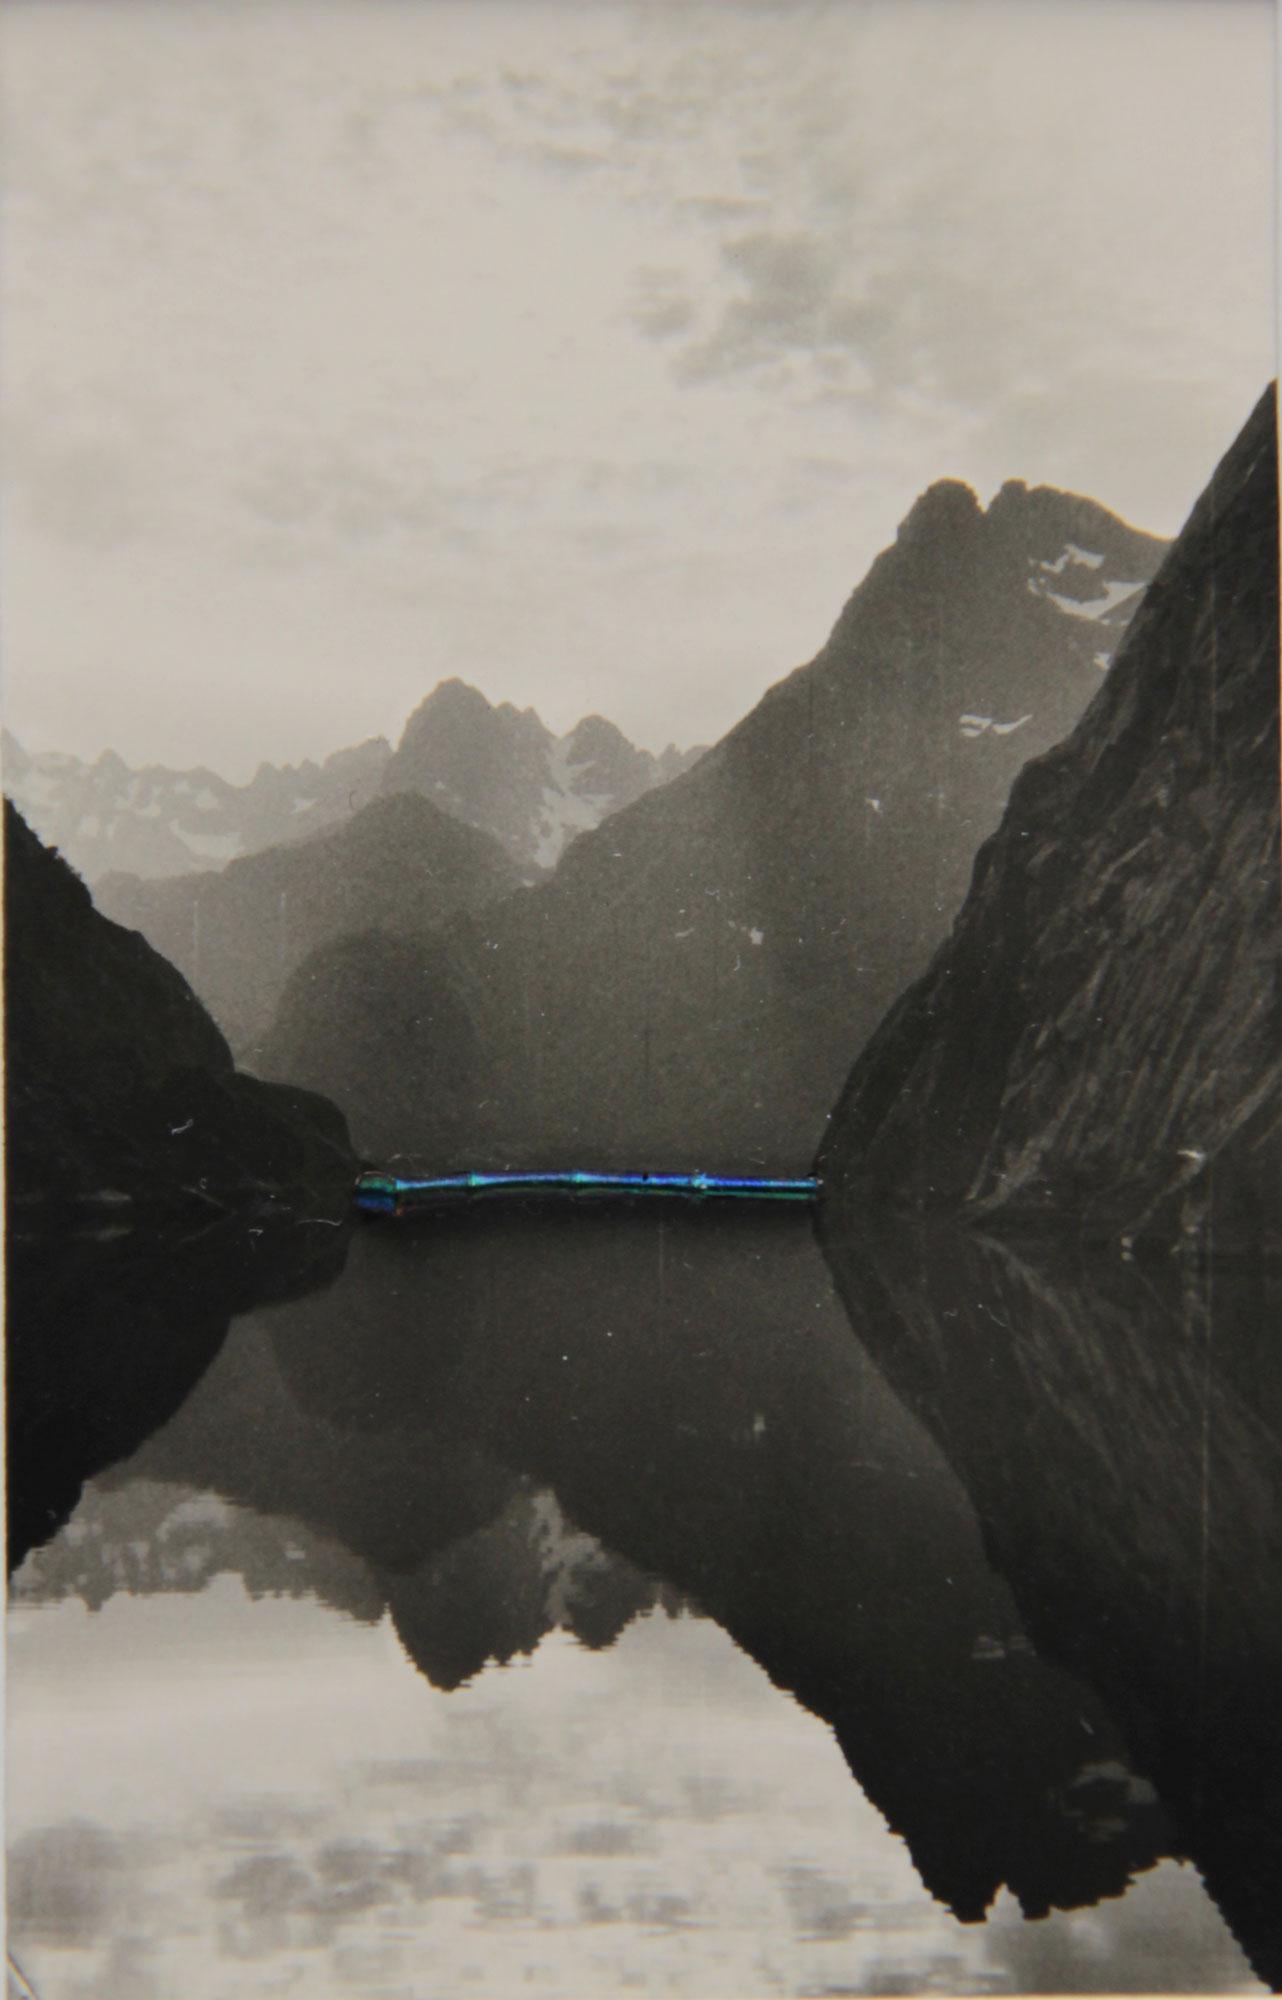 Collage #43 de Céline Dominiak sur photographie anonyme, paysage et corps de libellule